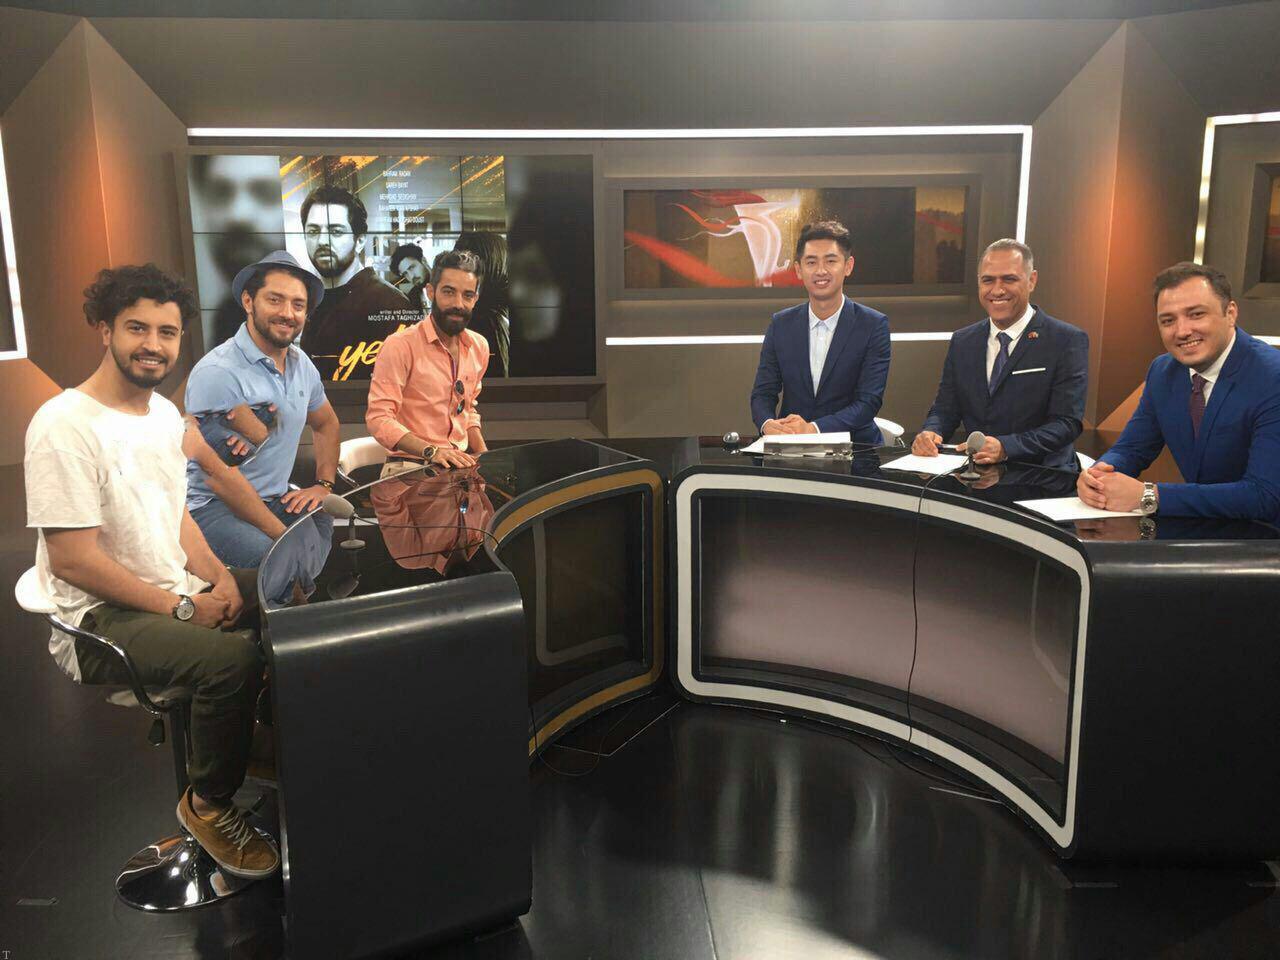 حضور بهرام رادان و مهرداد صدیقیان در تلویزیون شانگهاى چین